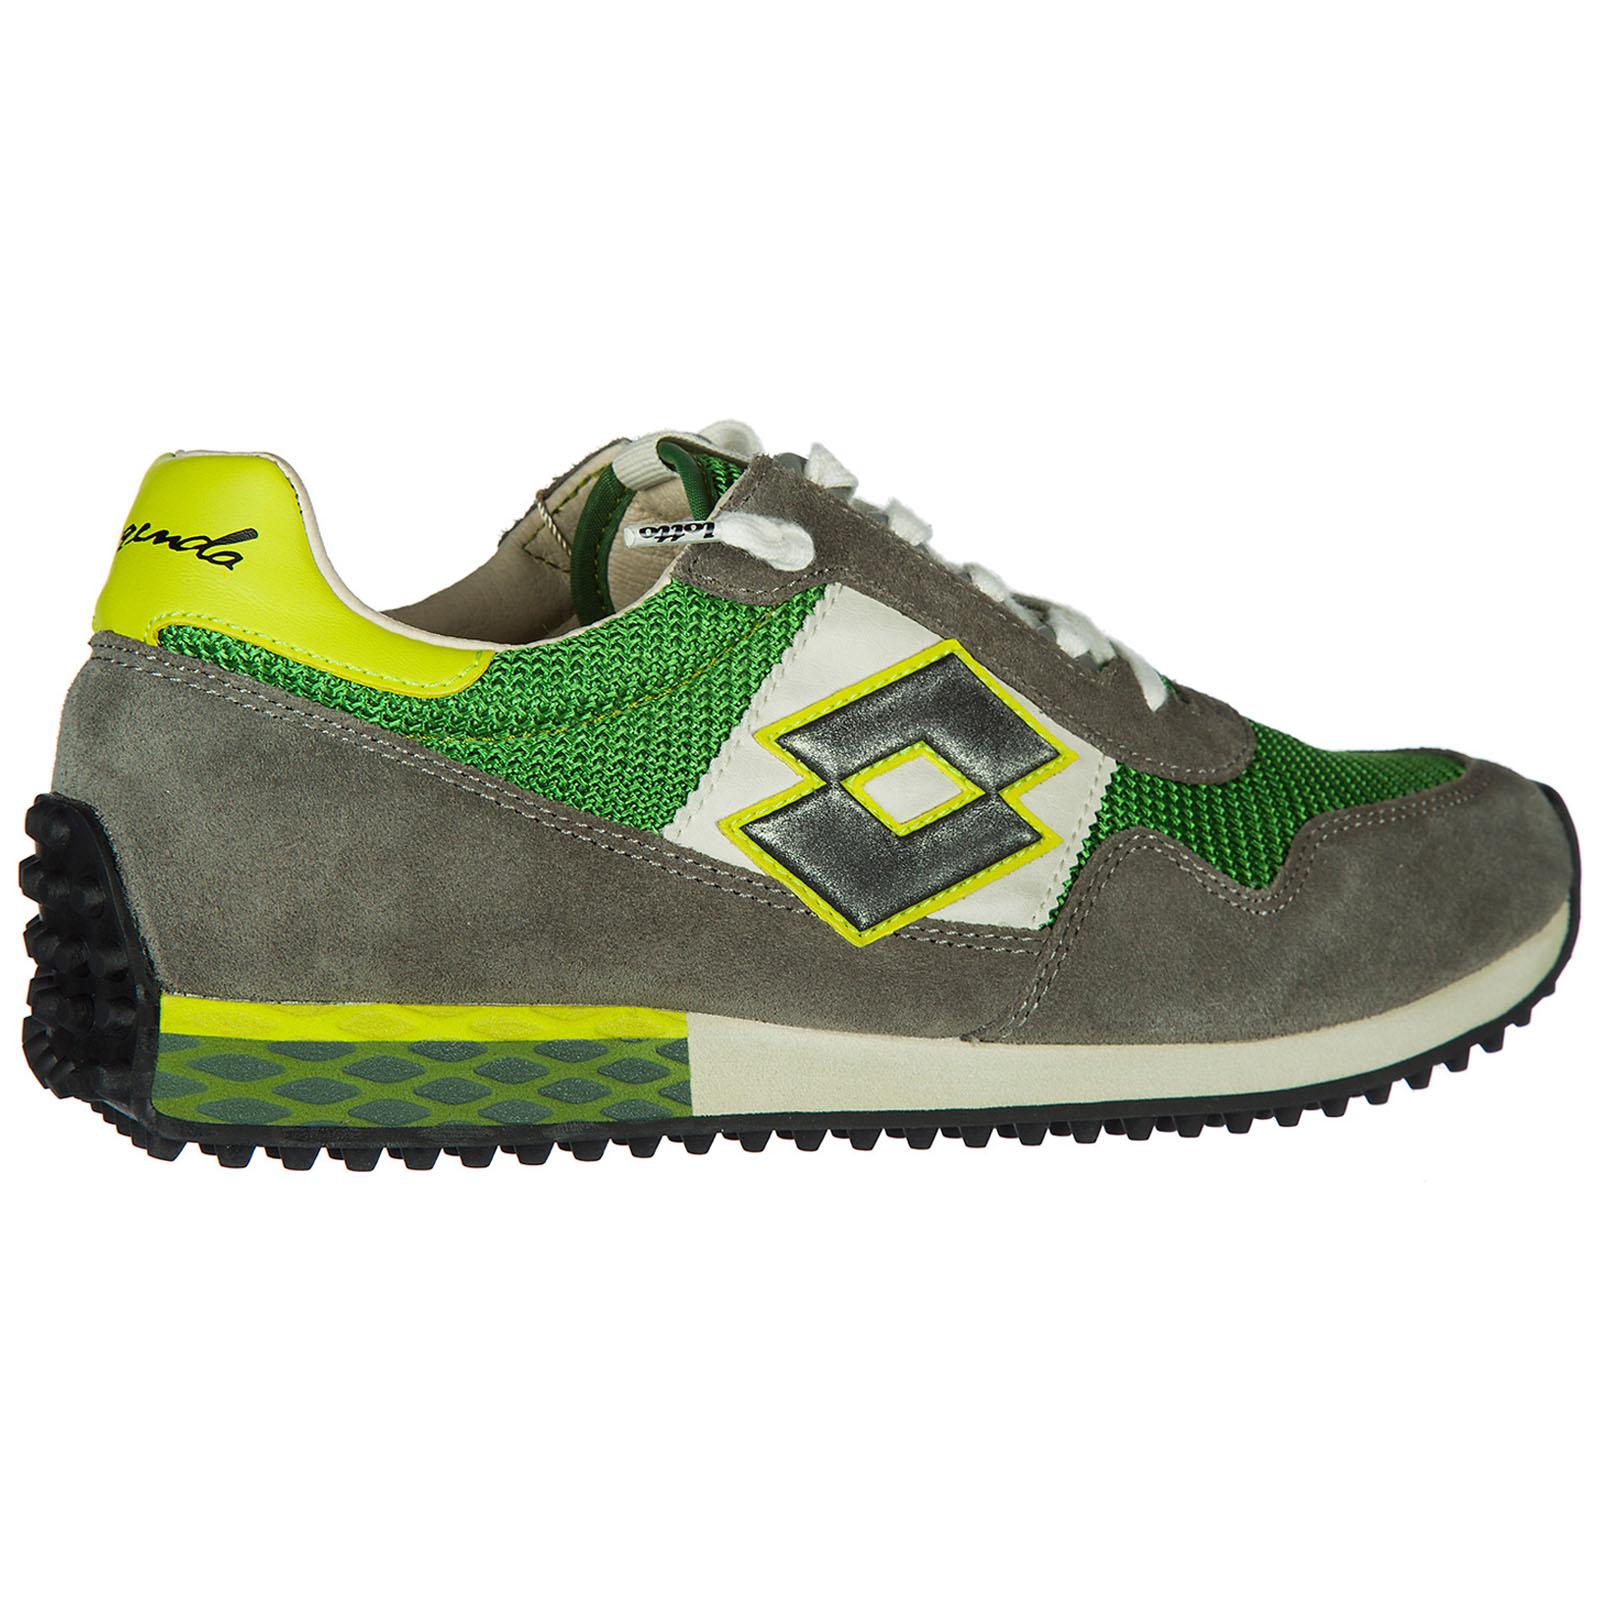 ... Scarpe sneakers uomo camoscio tokyo targa ... 2fb53761e8d